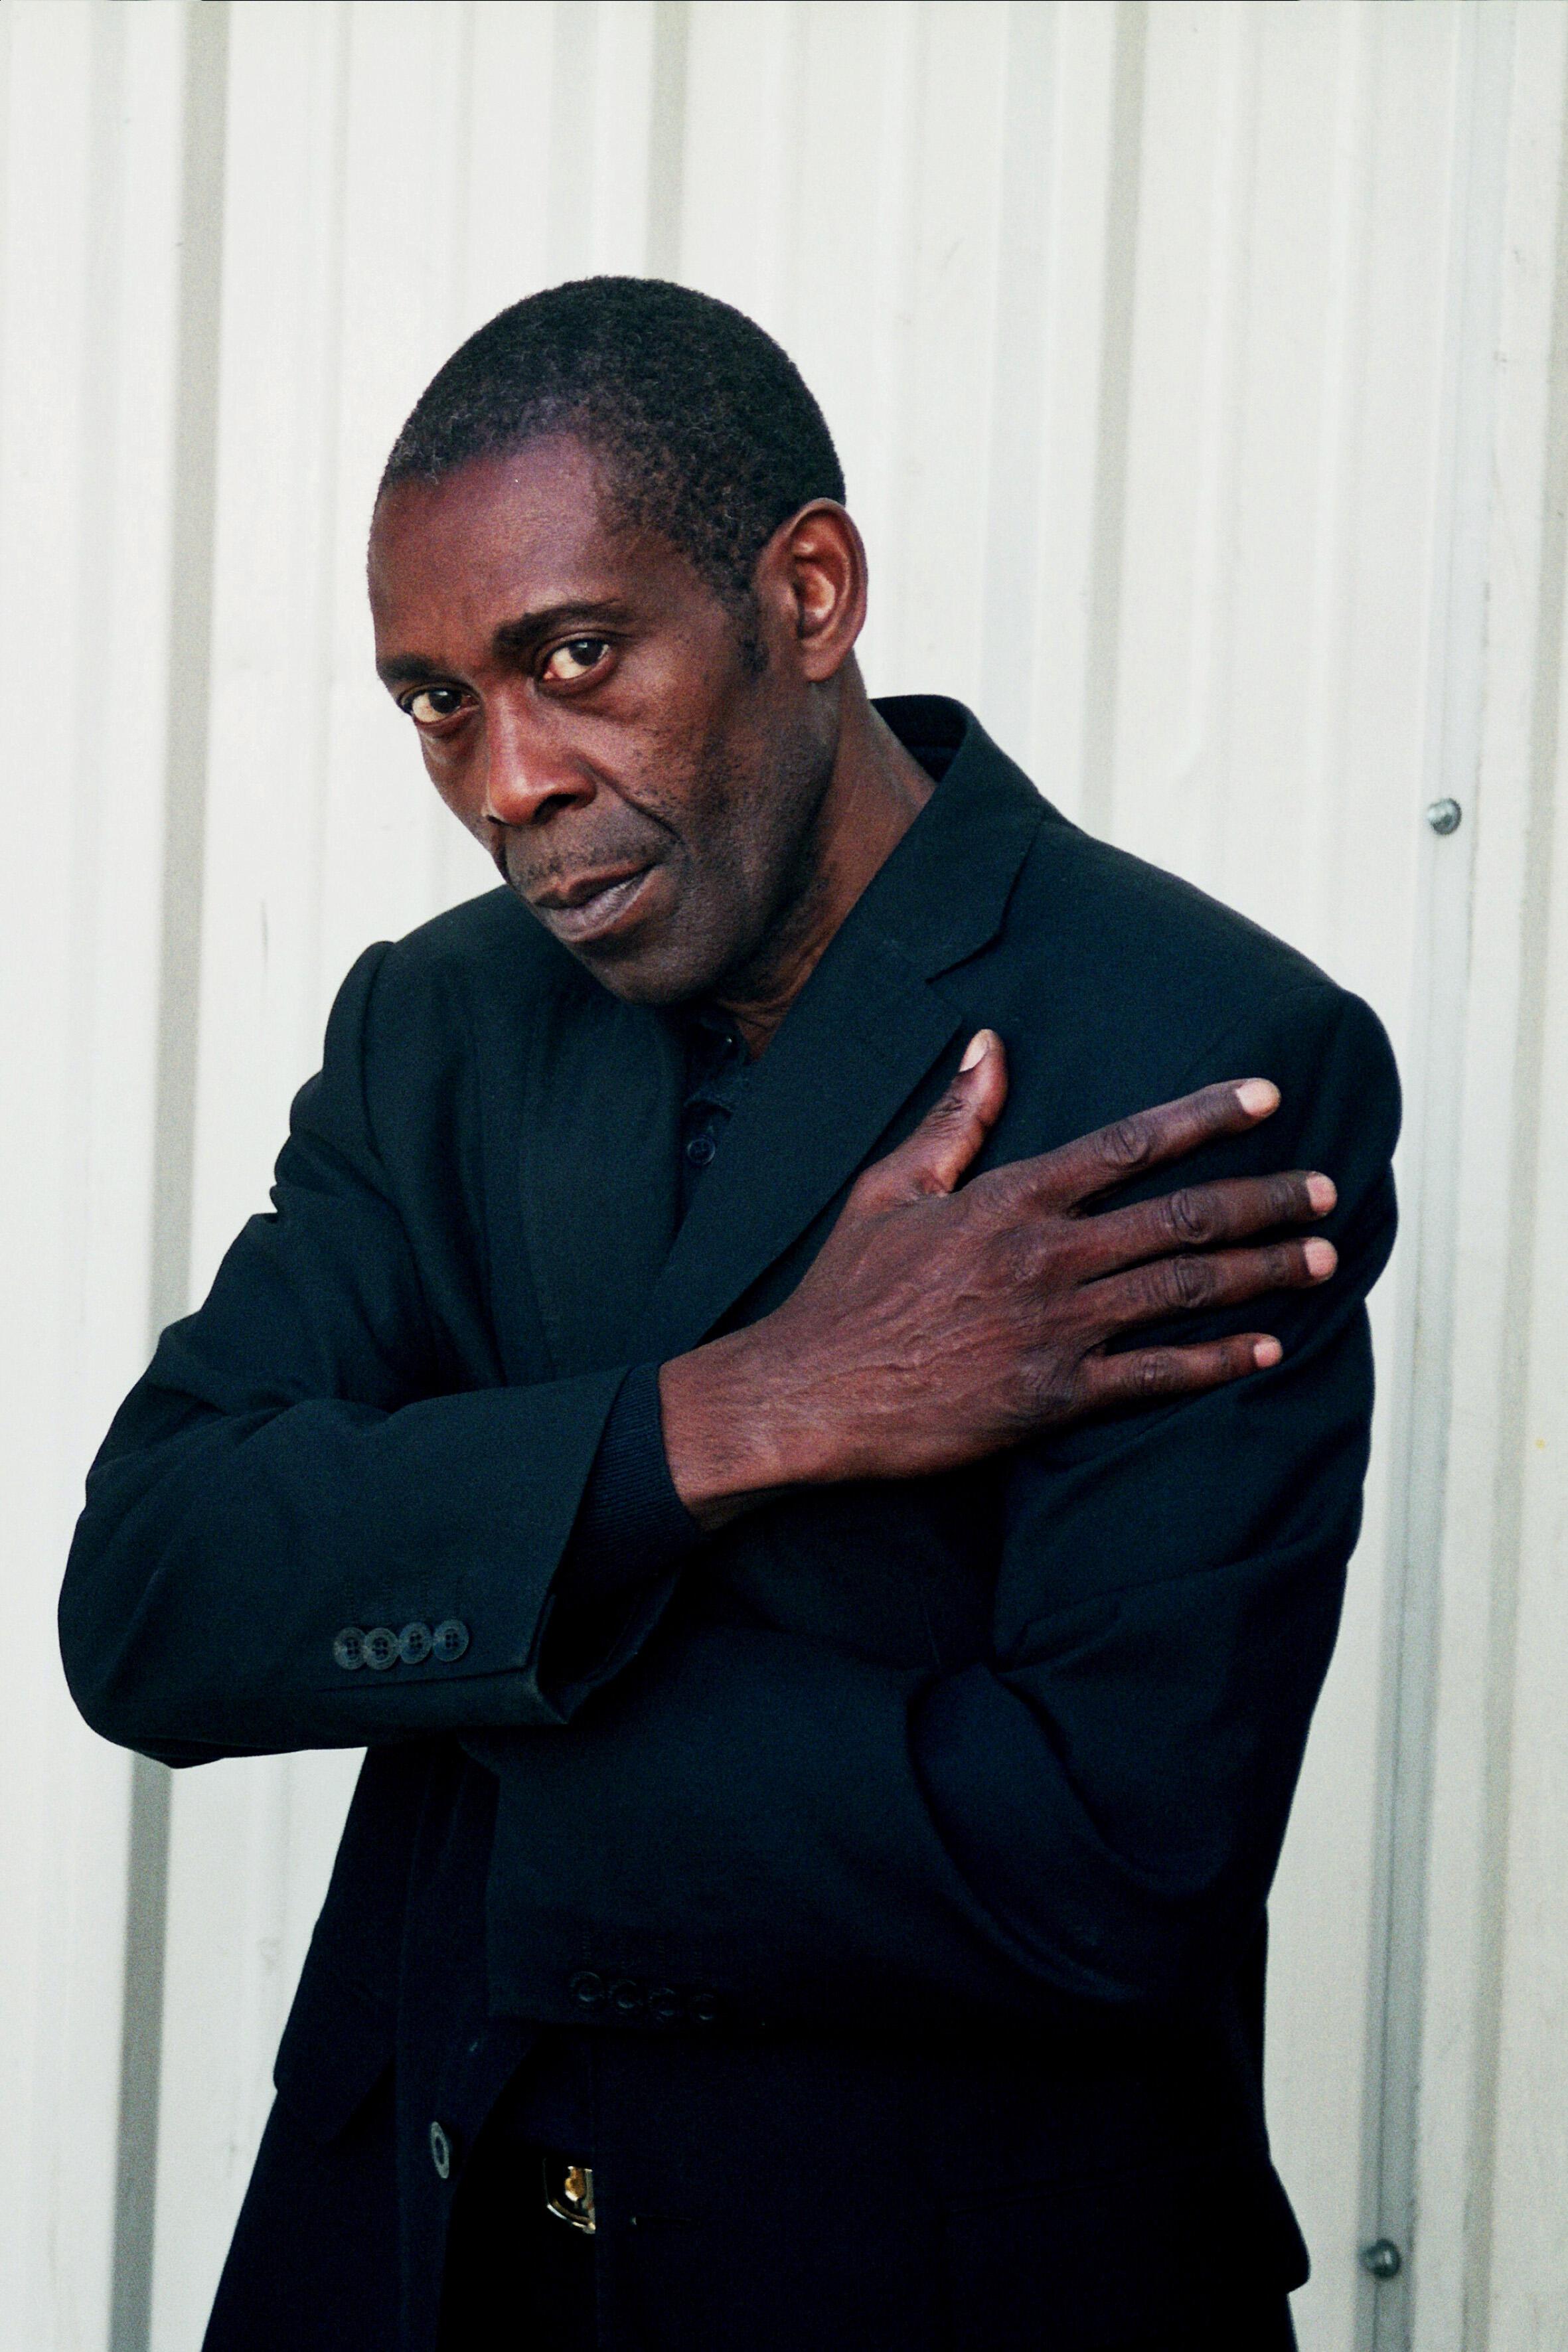 L'auteur congolais Koli Jean Bofane, lauréat du Grand prix du roman métis 2014 pour « Congo Inc. », publié aux éditions Actes Sud.